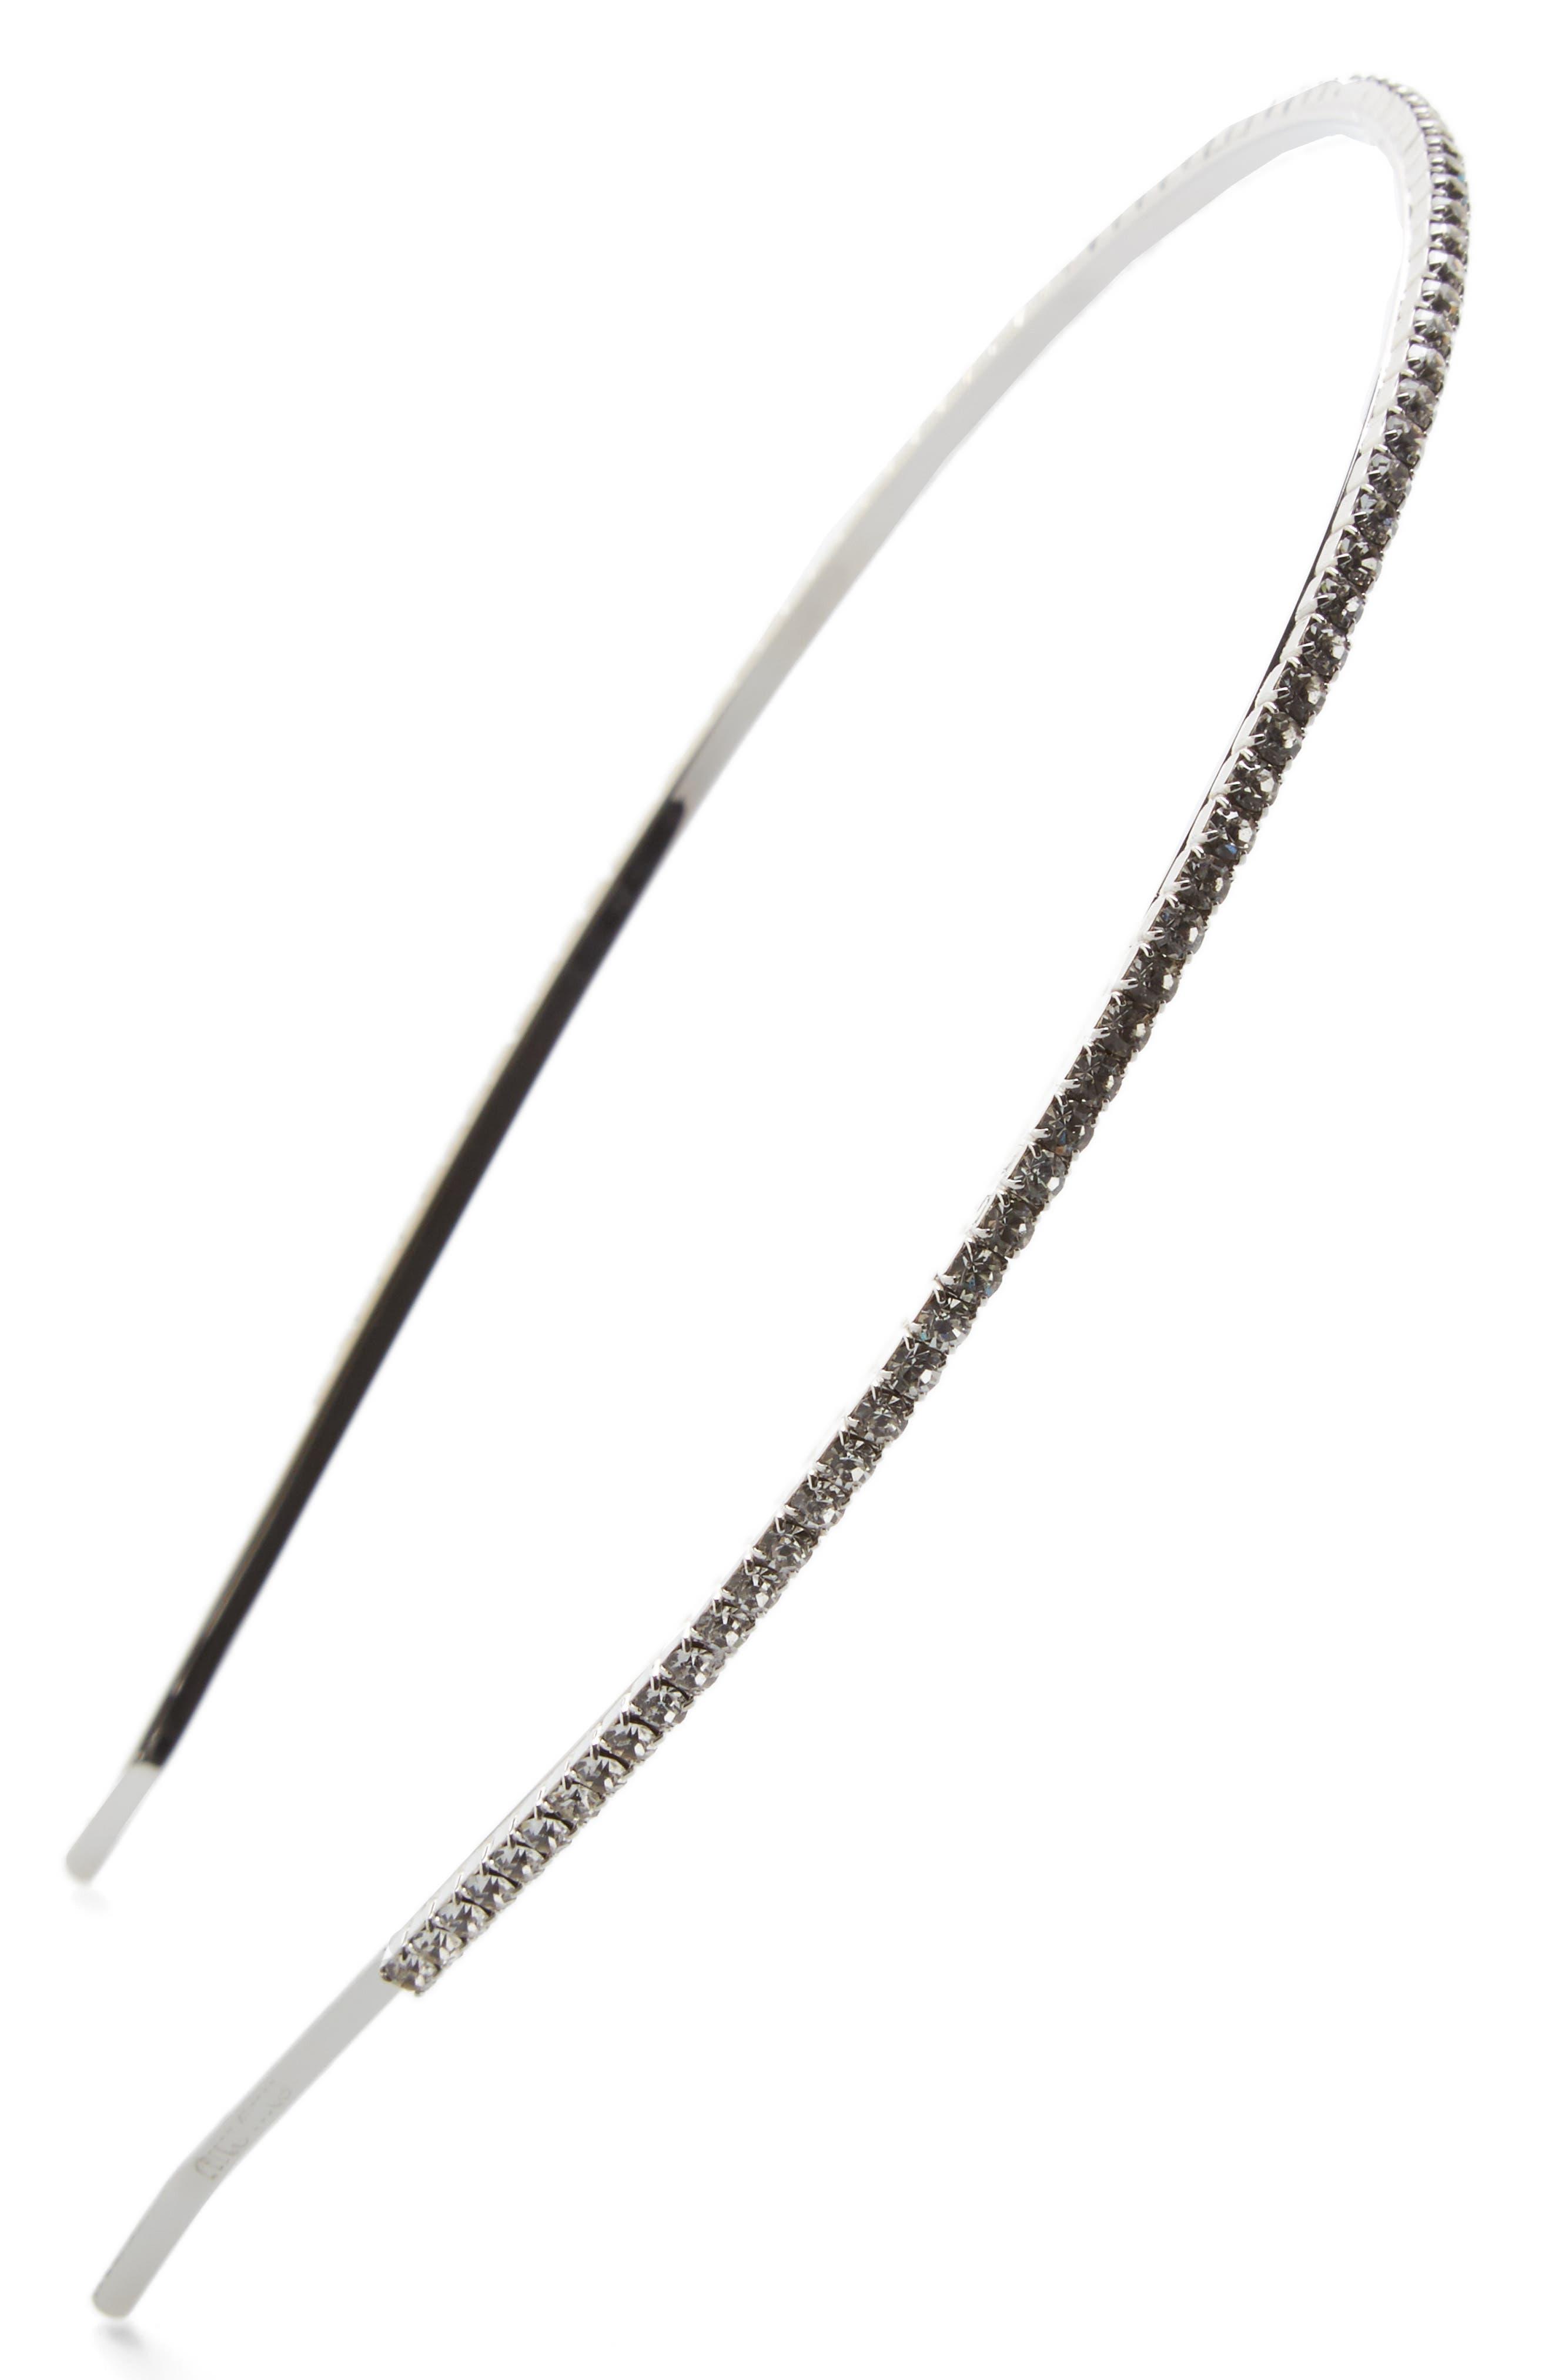 MIU MIU Swarovski Crystal Headband